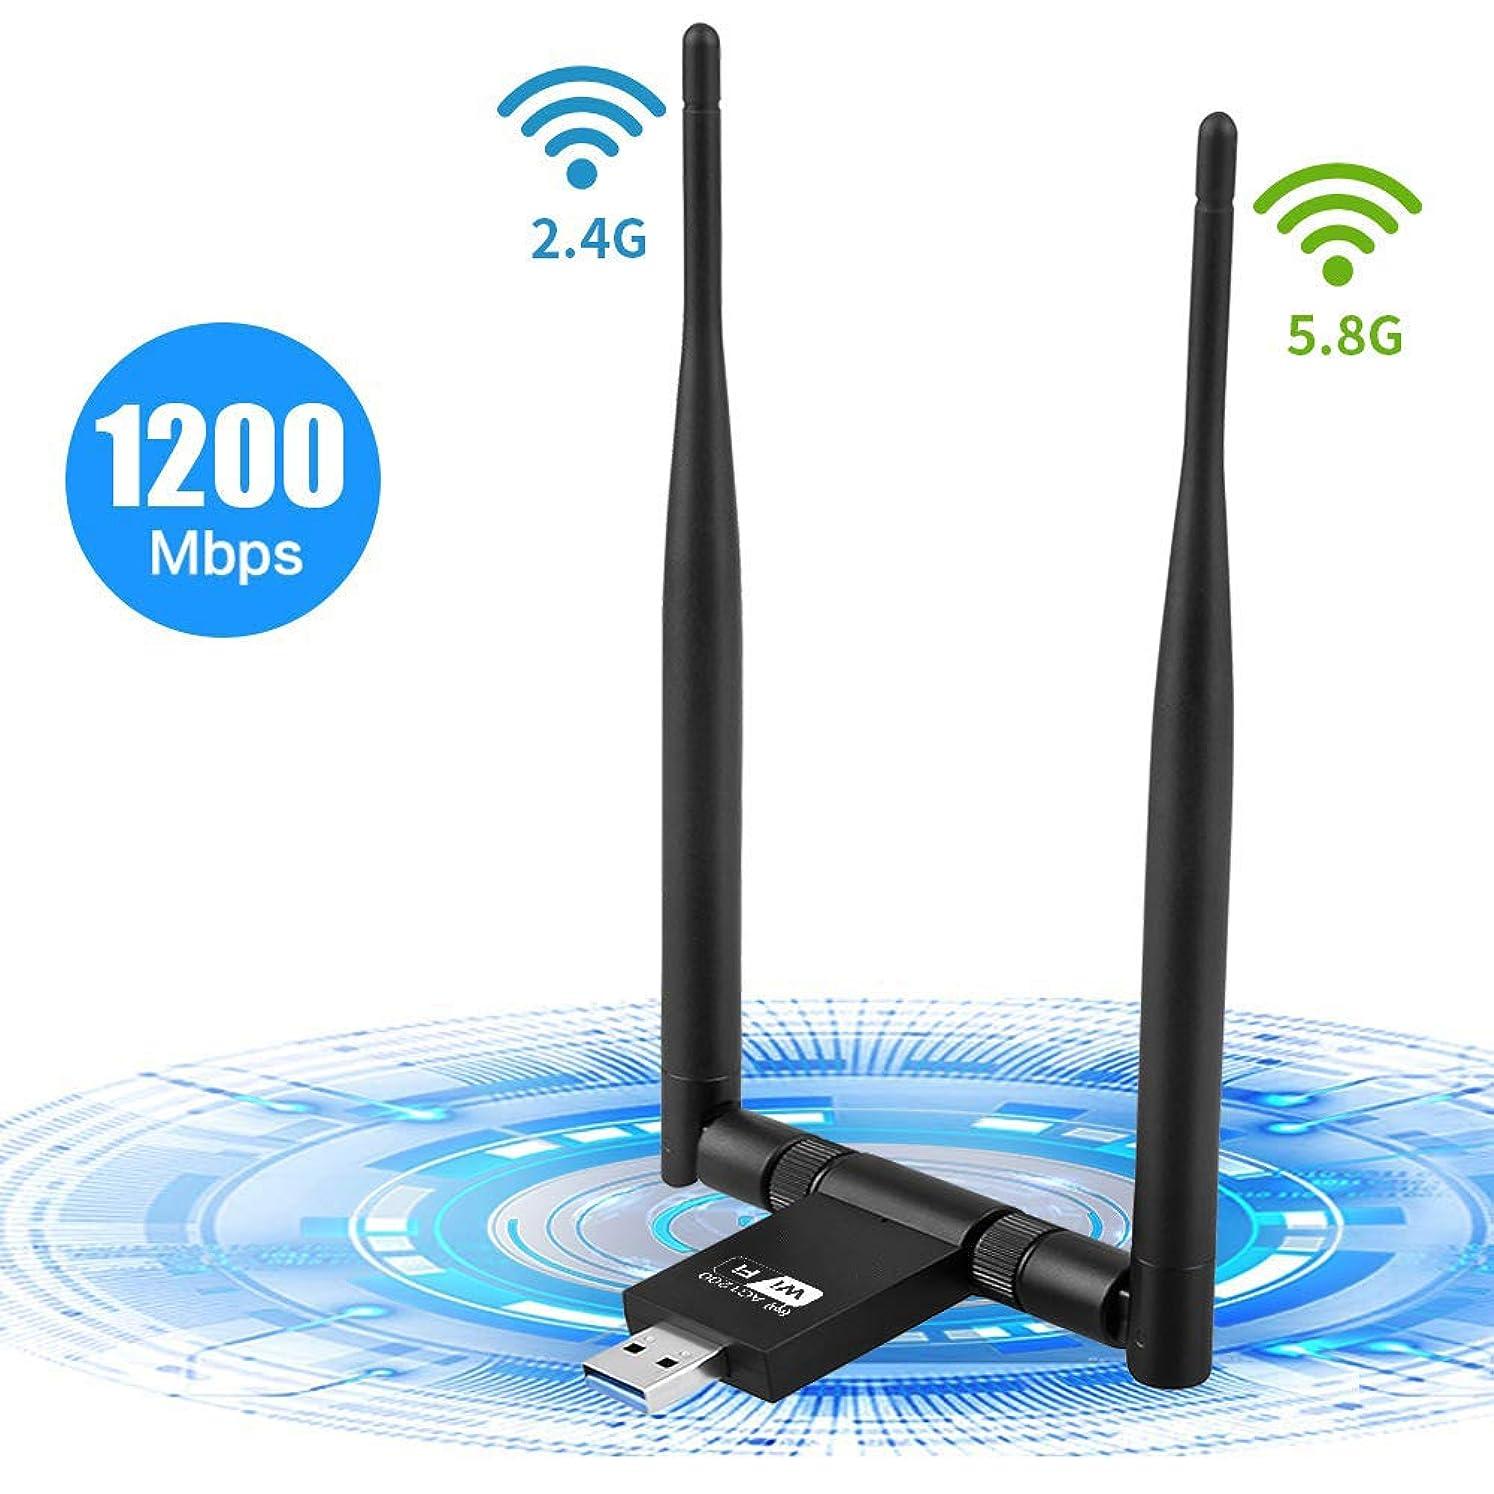 災害ハックロケットUSB WiFiアダプター AC1200Mbps USBネットワークアダプター USB 3.0デュアルバンド付き 2.4GHz/5GHz 867Mbps Windows 10/8.1/8/7/XP Mac OS X 10.6-10.14のデスクトップノートパソコン用